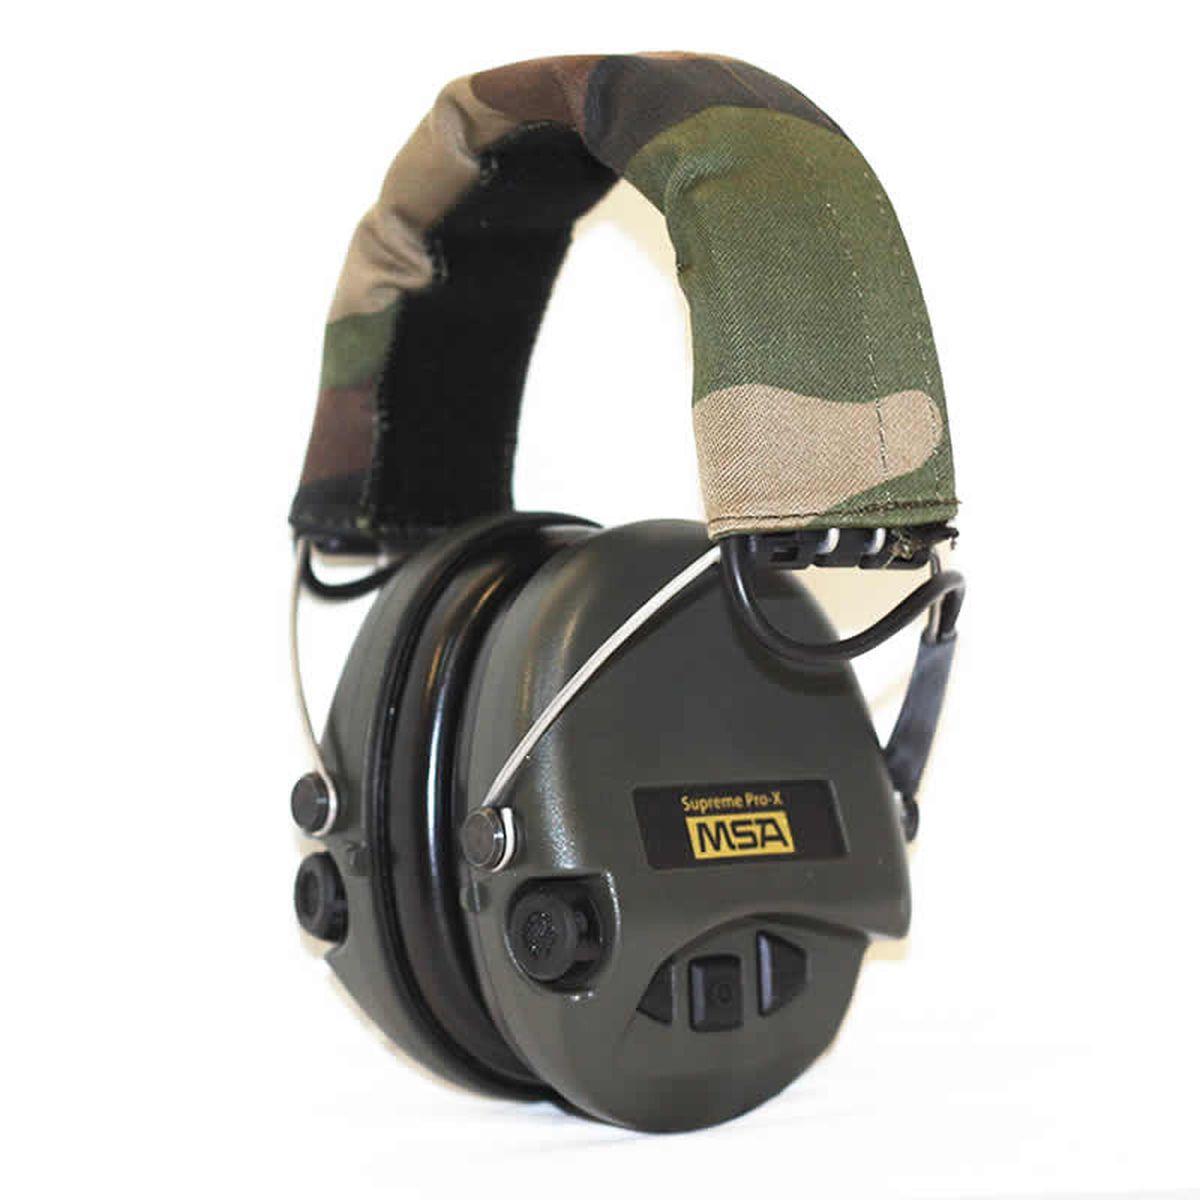 Наушники для стрельбы MSA Sordin Supreme Pro-Х, активныеCCGRA04Активные наушники MSA Sordin Supreme Pro-Х предназначены для стрельбы и охоты.Усиливают слабый звук в 4 раза до 27 Дц и уменьшают шум до 82 Дц.Звуковая картинка на 360° градусов, звук Stereo.Два отдельных ветро-влагозащищенных микрофона.Влагозащищенный батарейный отсек.Звуковая пауза после отсечки шумовой волны менее 0,6 сек.Широкие кнопки включения с регулировкой громкости звука – 4 положения.Складные соединительные дужки, из прочной проволочной стали, покрытойантикоррозийным лаком. Дужки отделаны кожей.Предусмотрено прослушивание аудиозаписей через плеер/телефон, но основнаяфункция – прослушивание сообщений через переносную радиостанцию.Возможно использование PTT (двух-полосная связь).Автоматическое отключение через 4 часа после начала использования. Предупреждениезвуковым сигналом за 40 часов о низком заряде батареи.В комплекте две батарейки ААА, разъем AUX 3,5 мм, кабель.Вес: 310 г.Гарантия: 1 год.